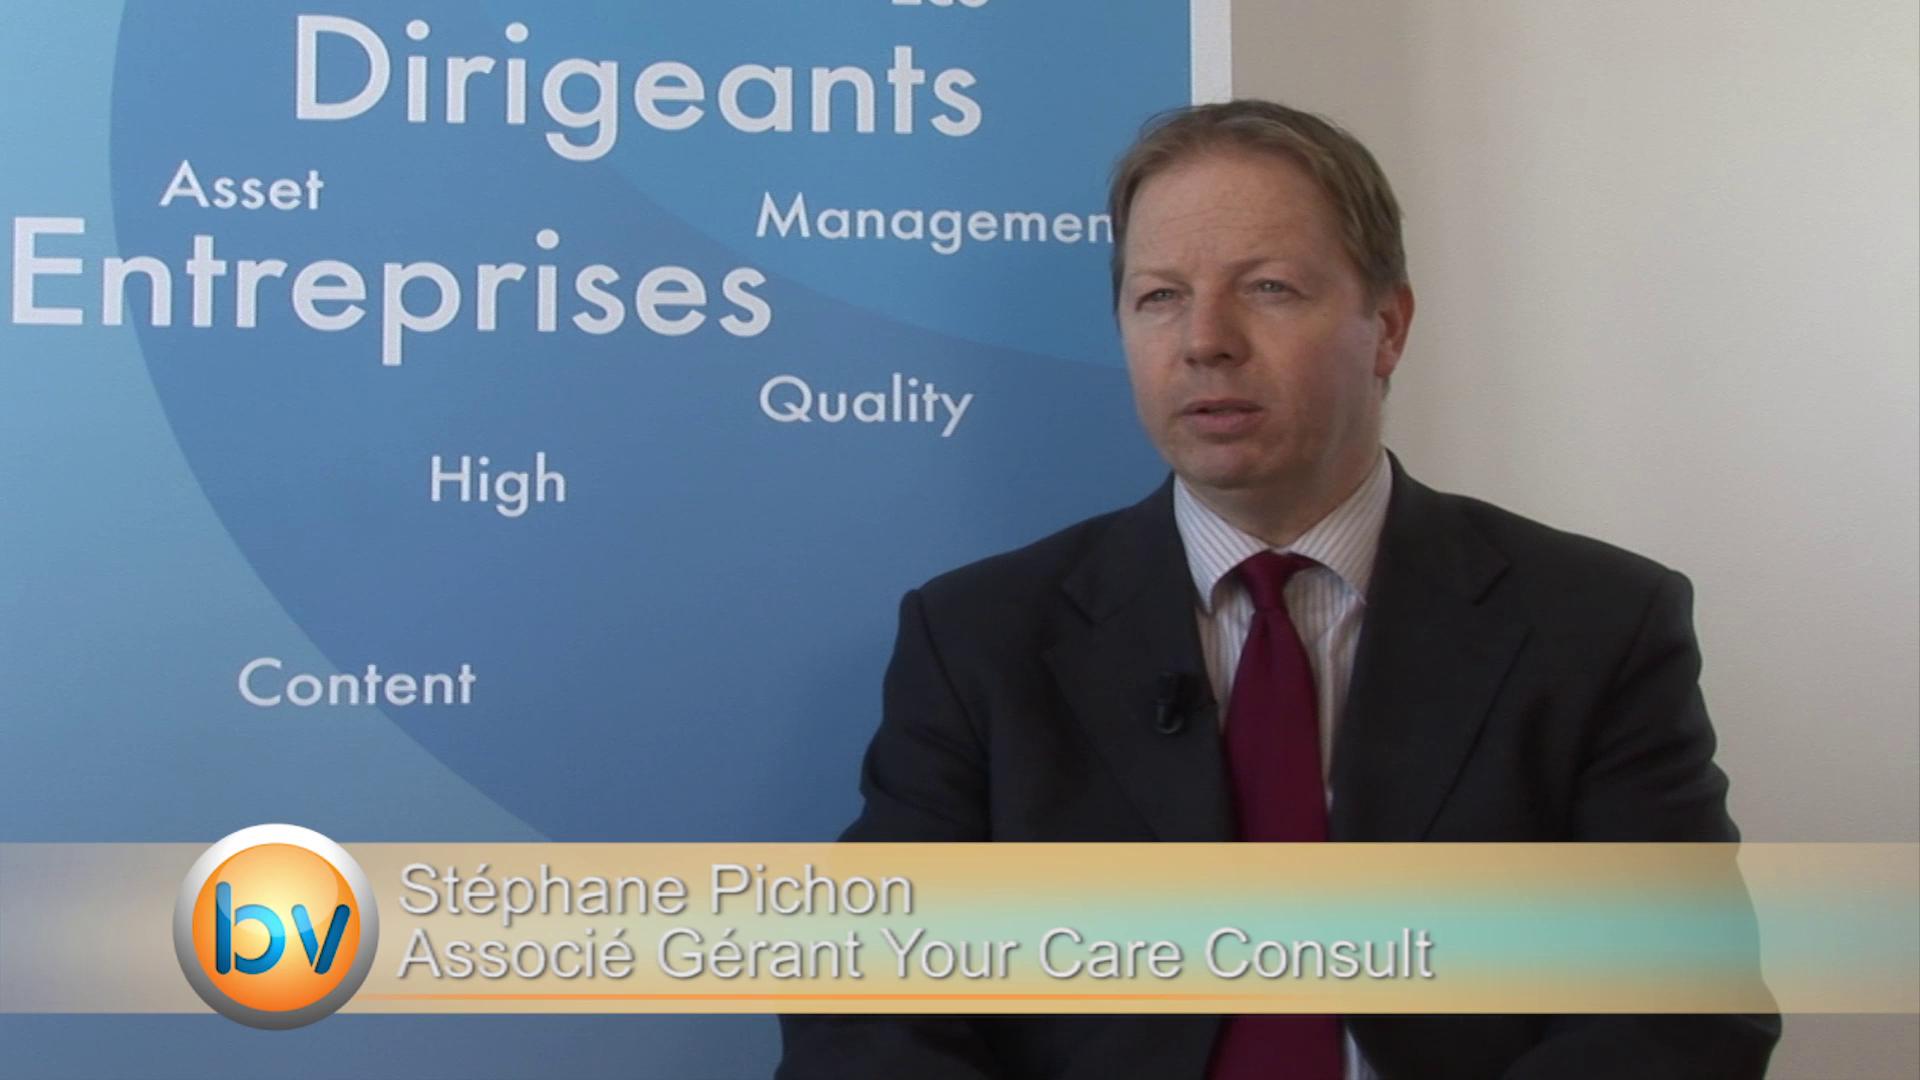 """Stéphane Pichon Associé Gérant Your Care Consult : """"Une stratégie pan-européenne des exploitants et de leurs investisseurs"""""""